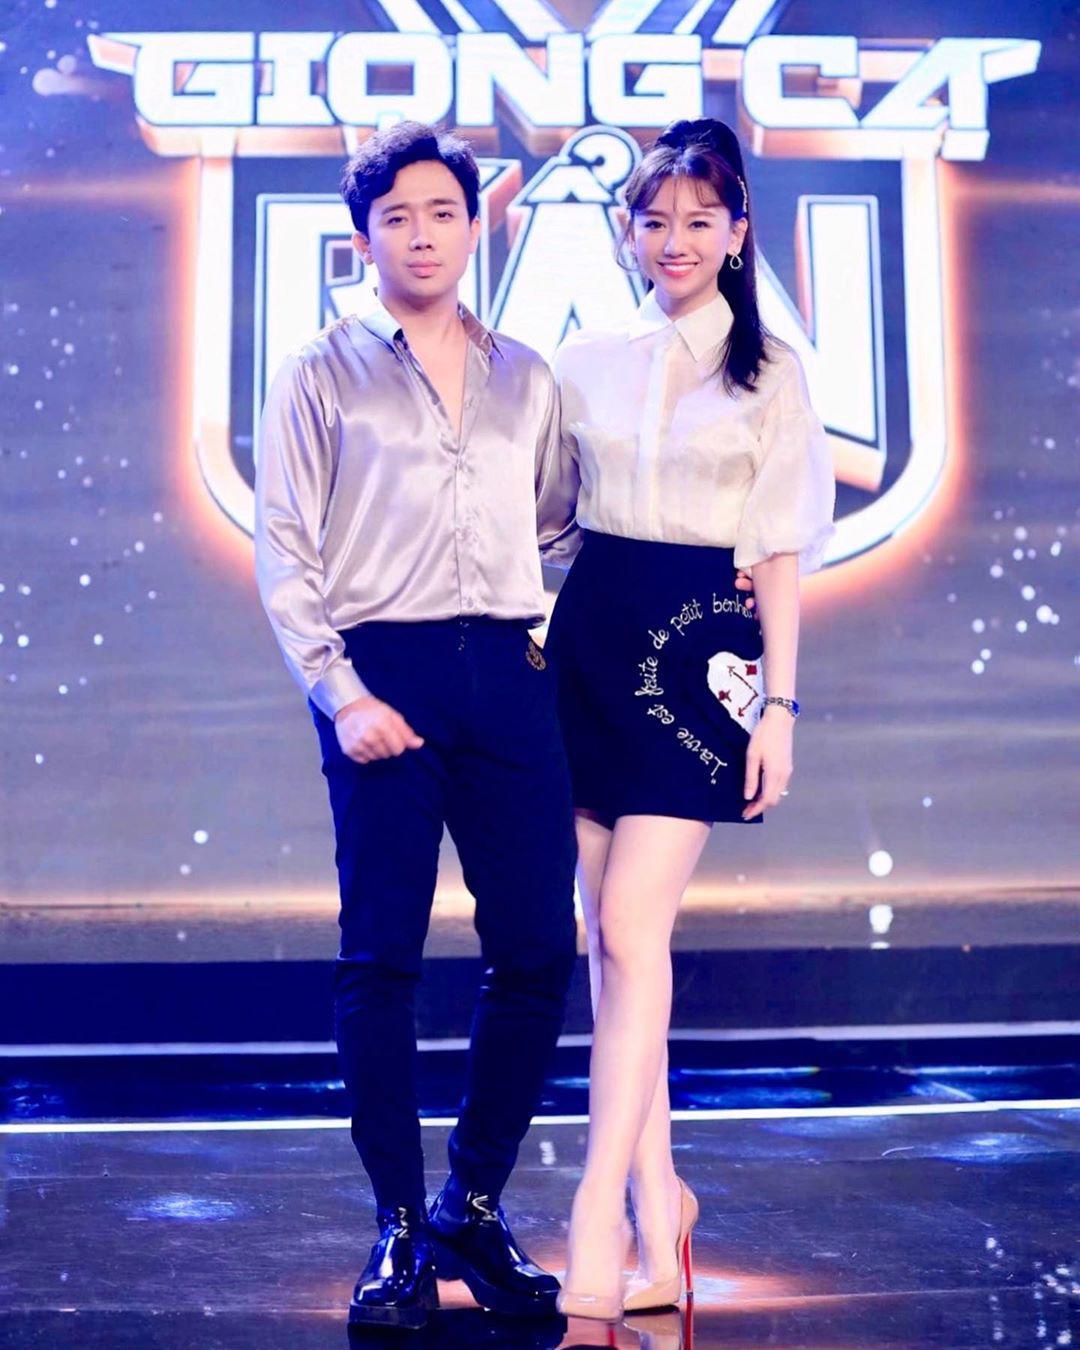 Chẳng cần độn giày, Trấn Thành vẫn vượt mặt Hari Won với loạt mẹo phối đồ hay ho-4